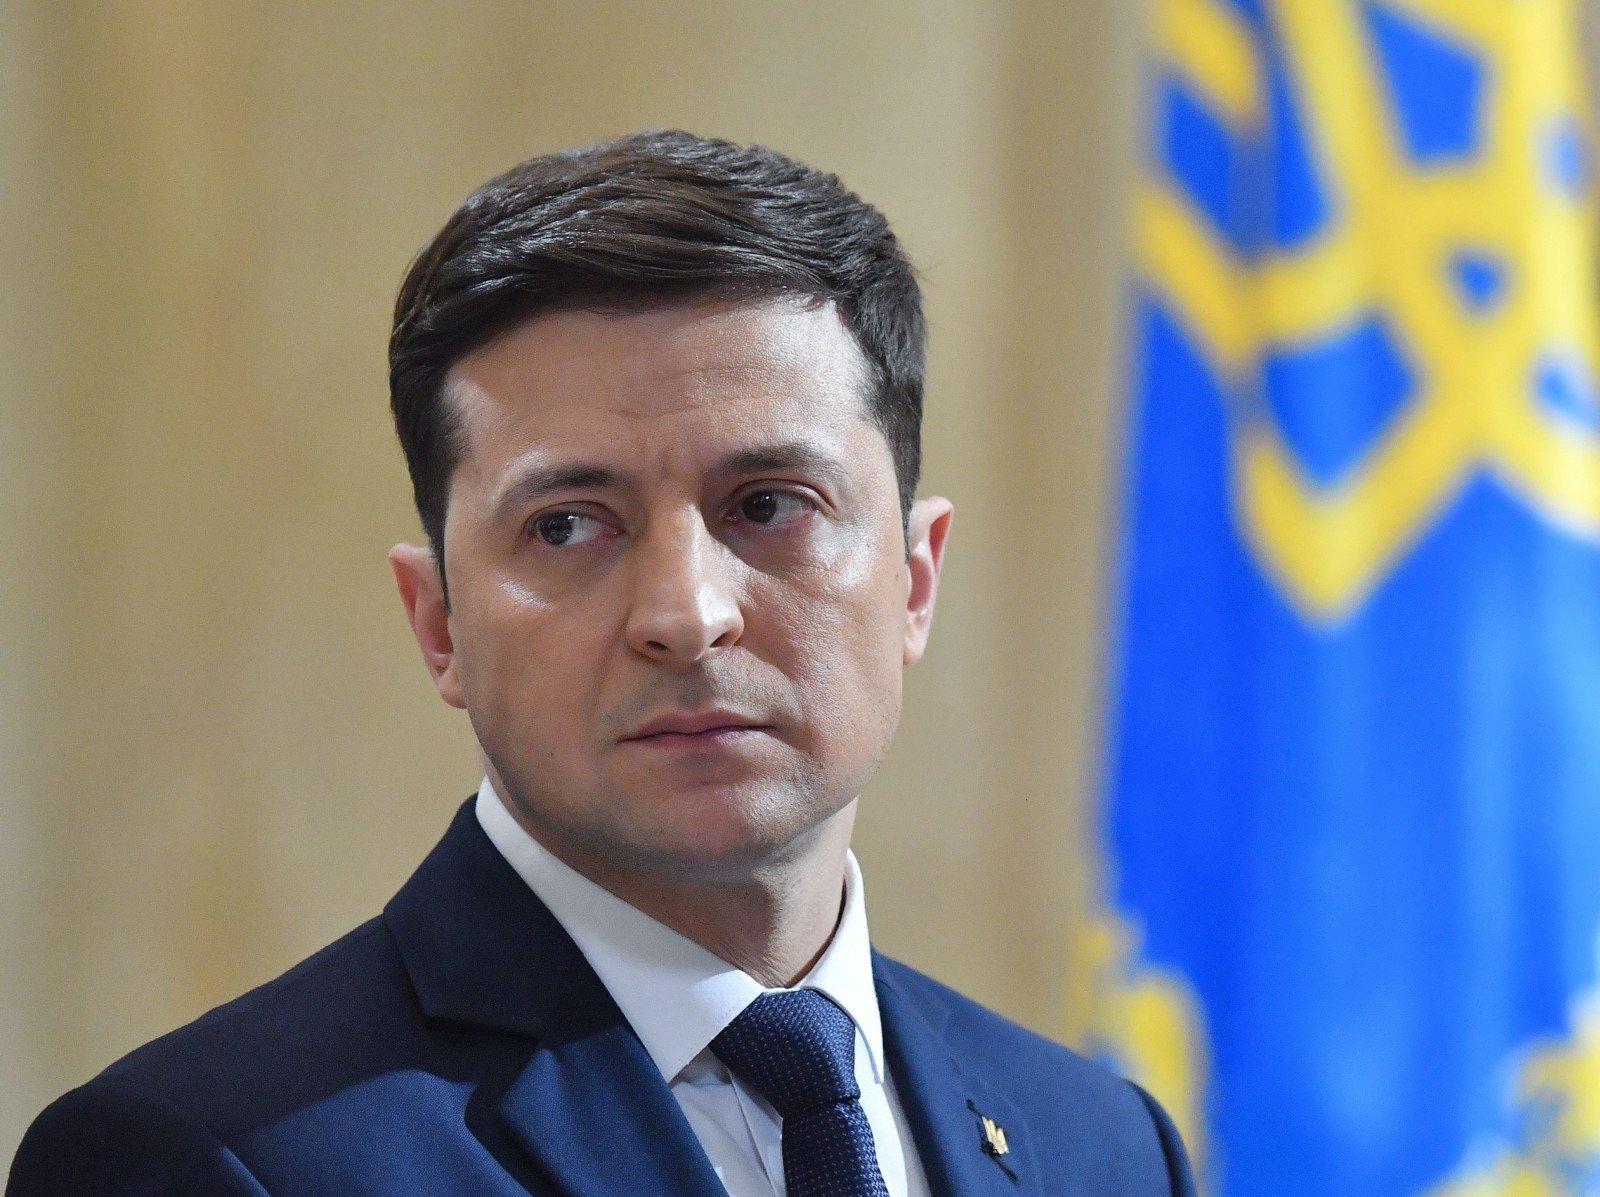 أوكرانيا تهدد باللجوء للمحاكم الدولية حال عدم وفاء إيران بالتزامتها تجاه الطائرة المنكوبة